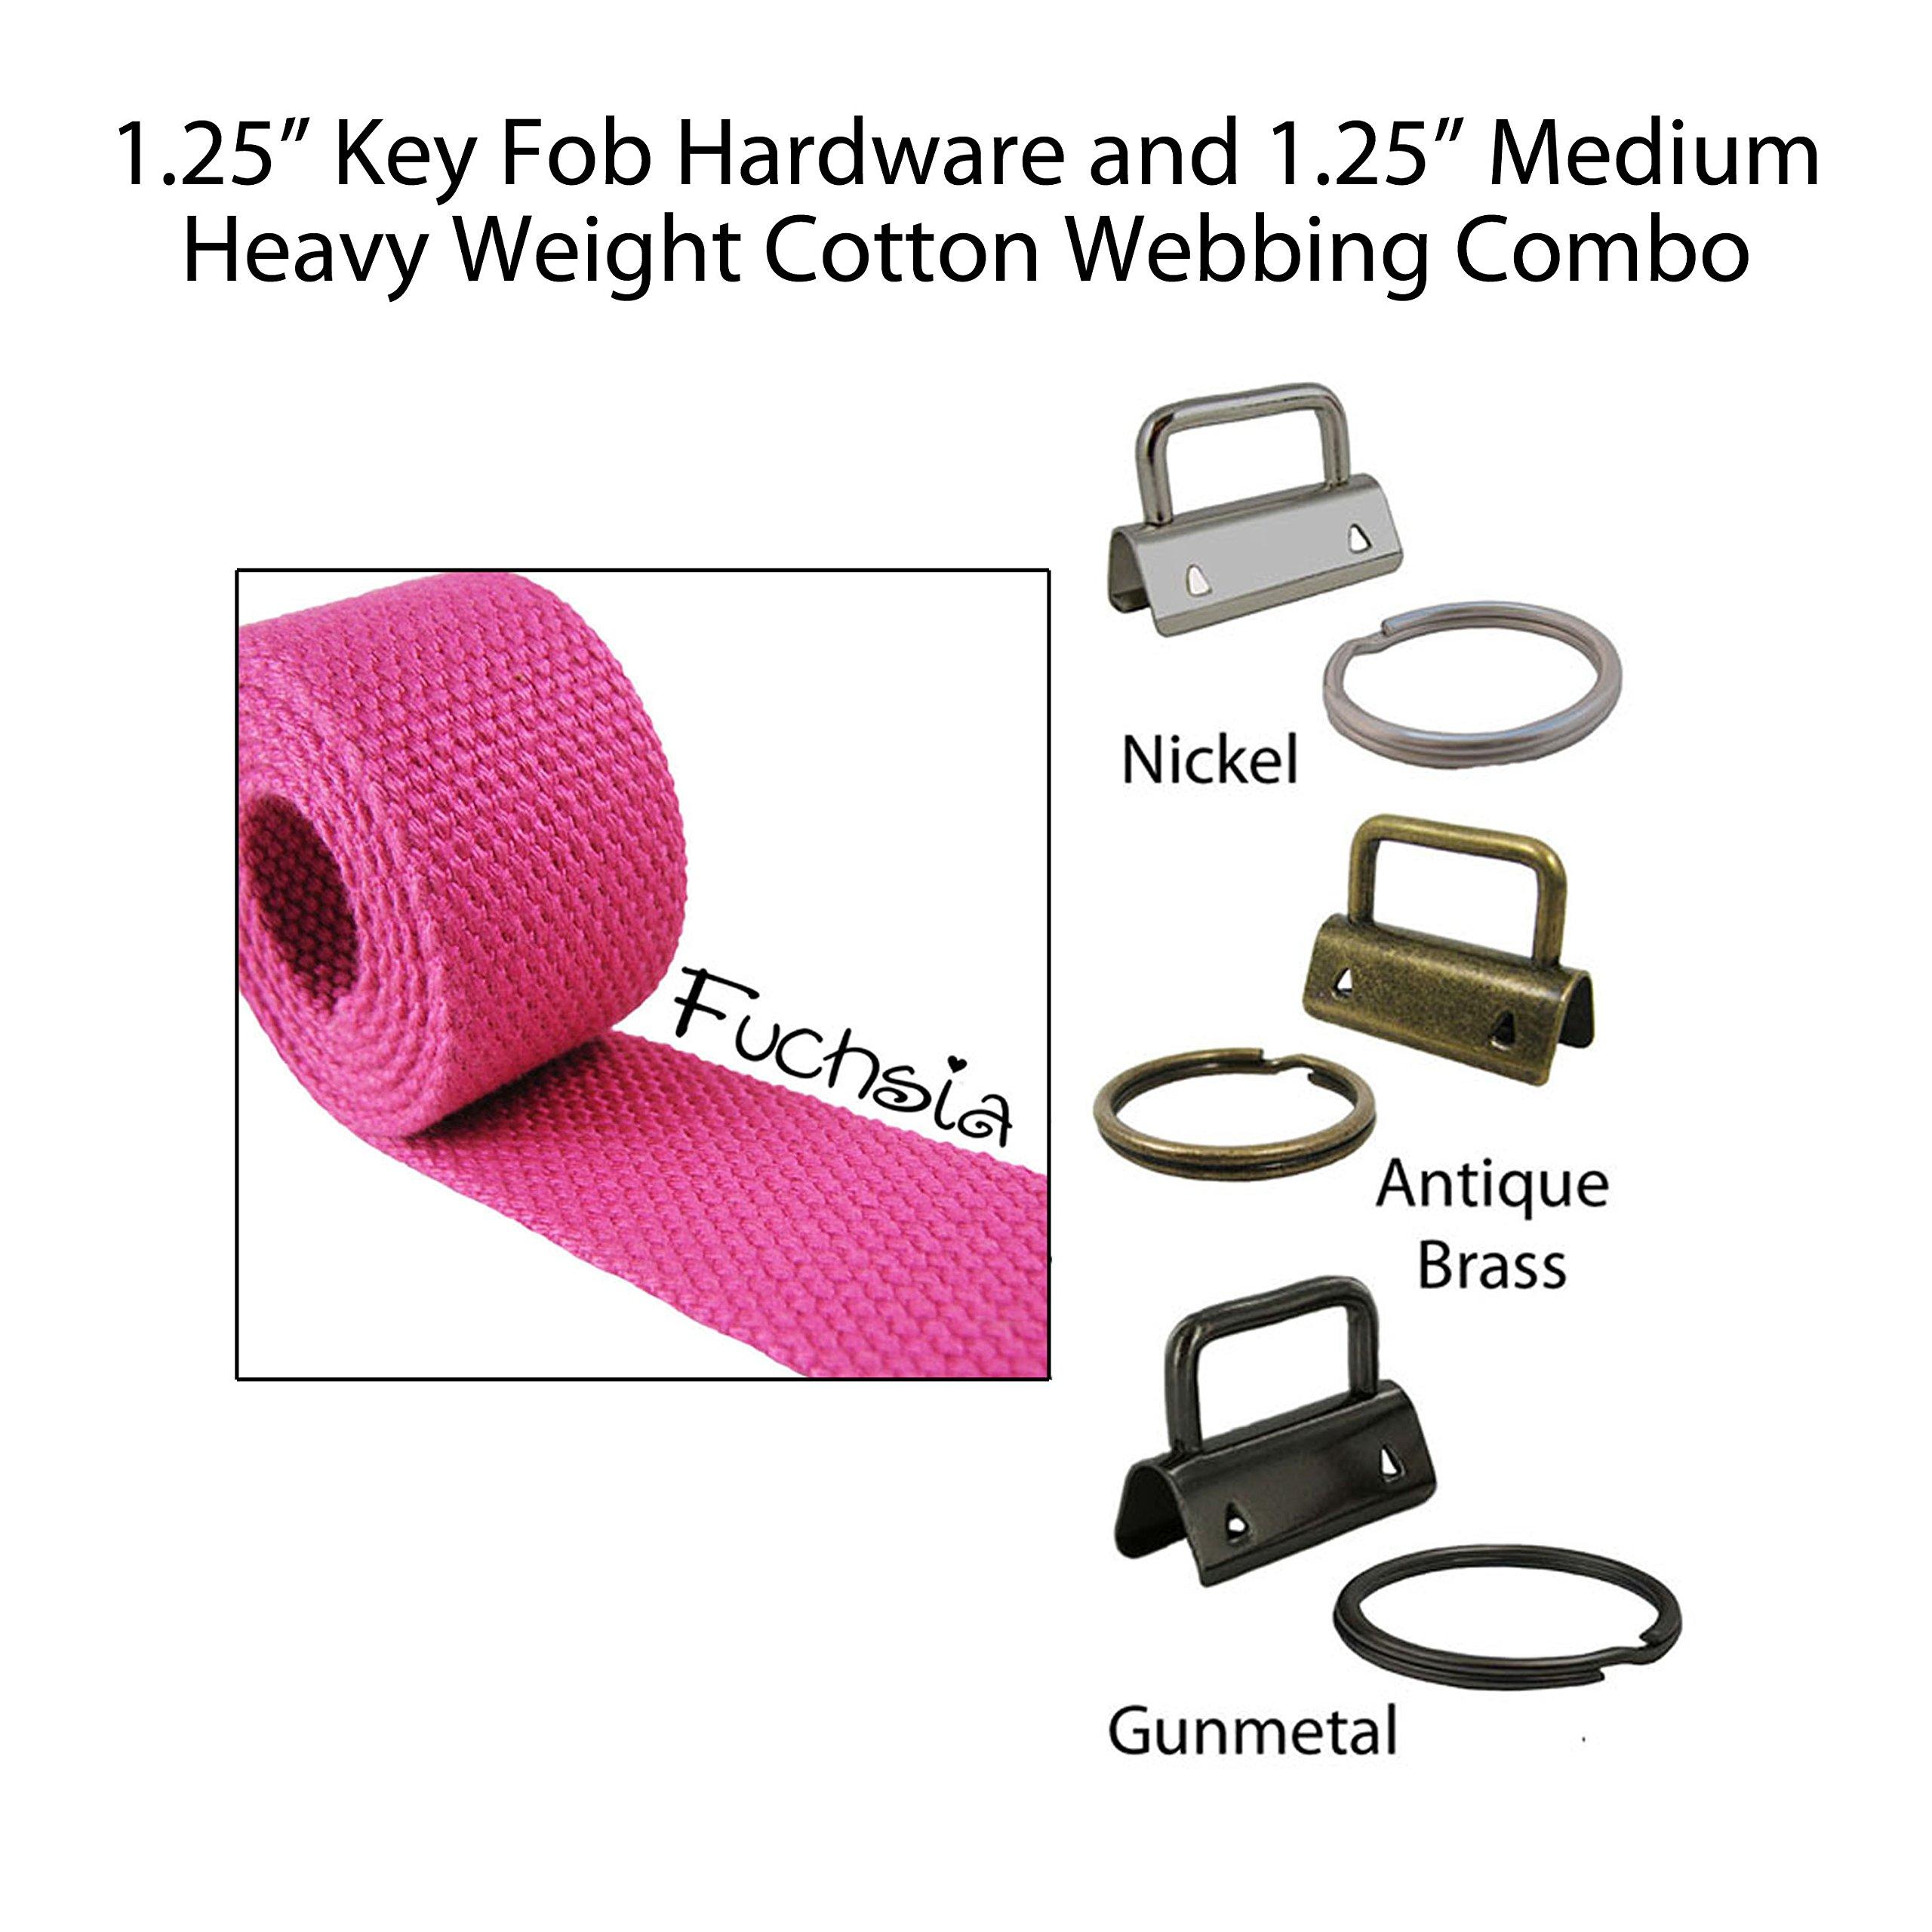 """1.25"""" Key Fob Hardware and 1.25"""" Cotton Webbing Combo - Fuchsia"""